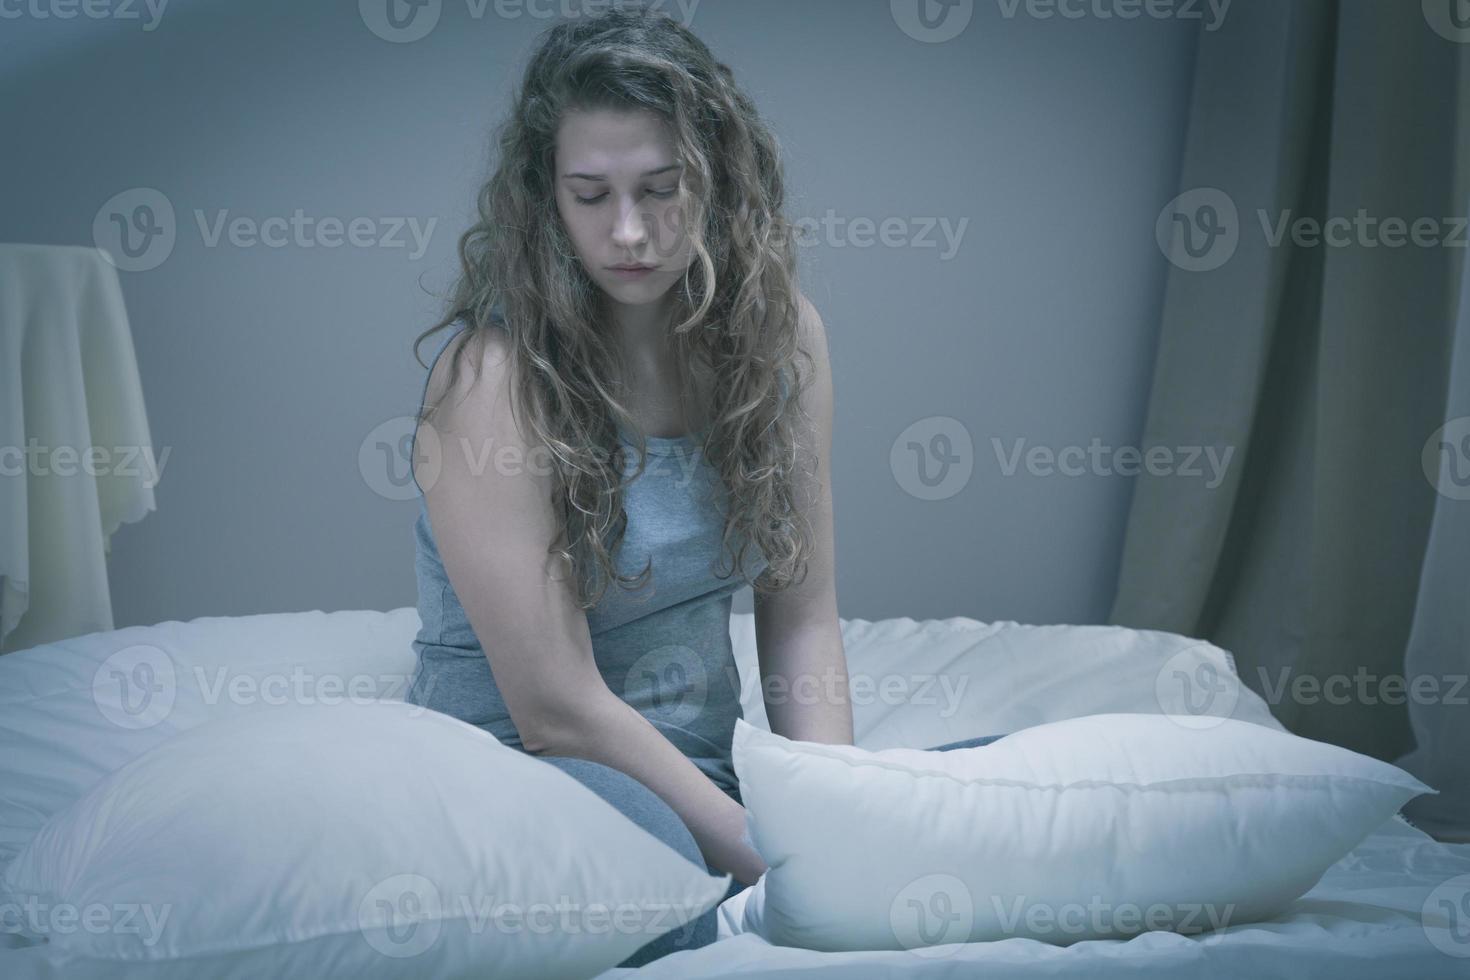 ragazza con grave depressione foto